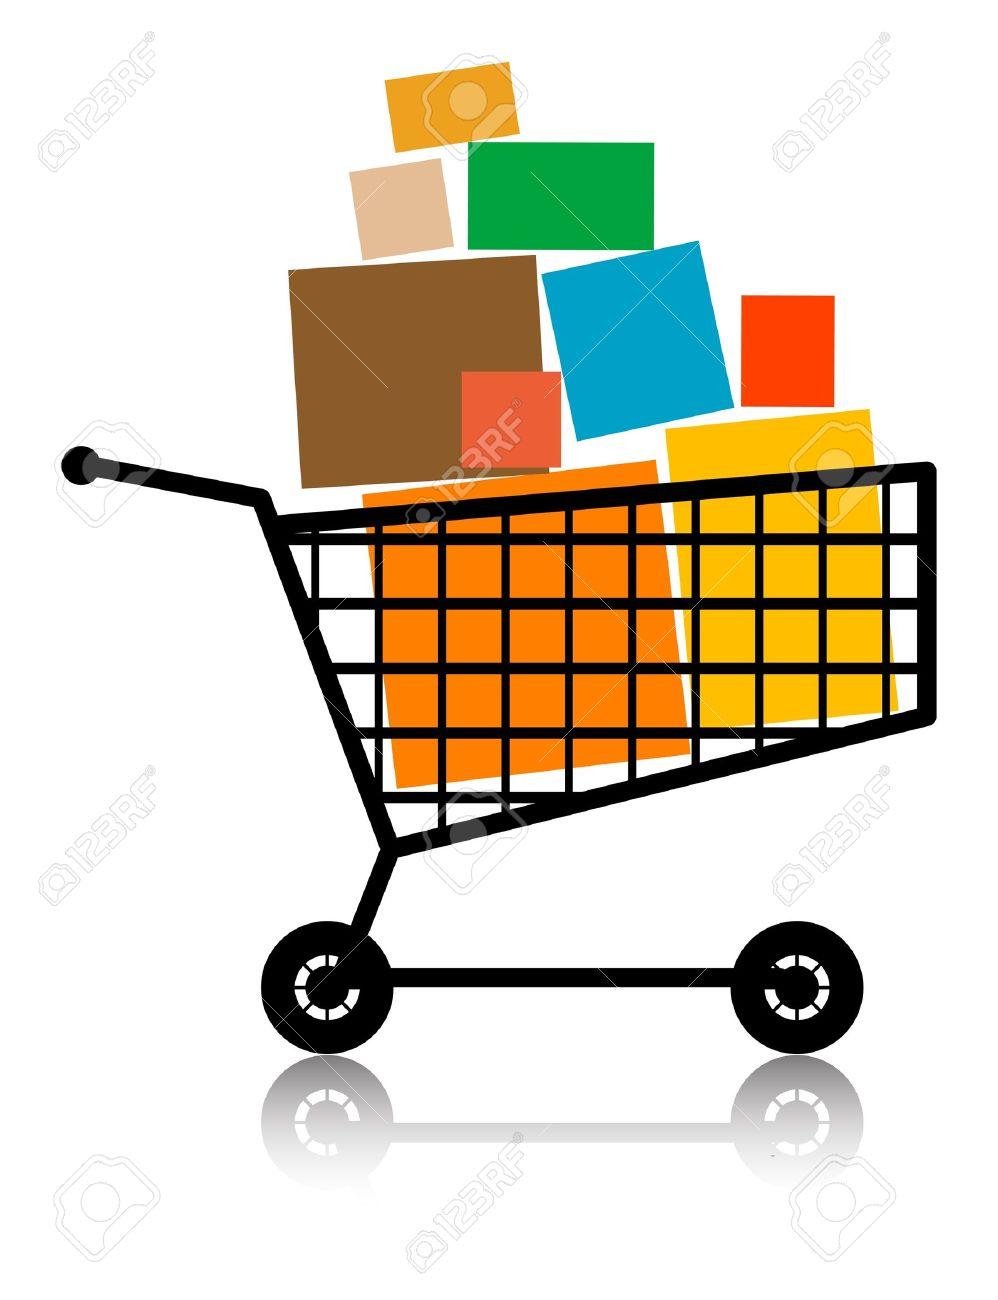 Shopping cart, full - 13756213